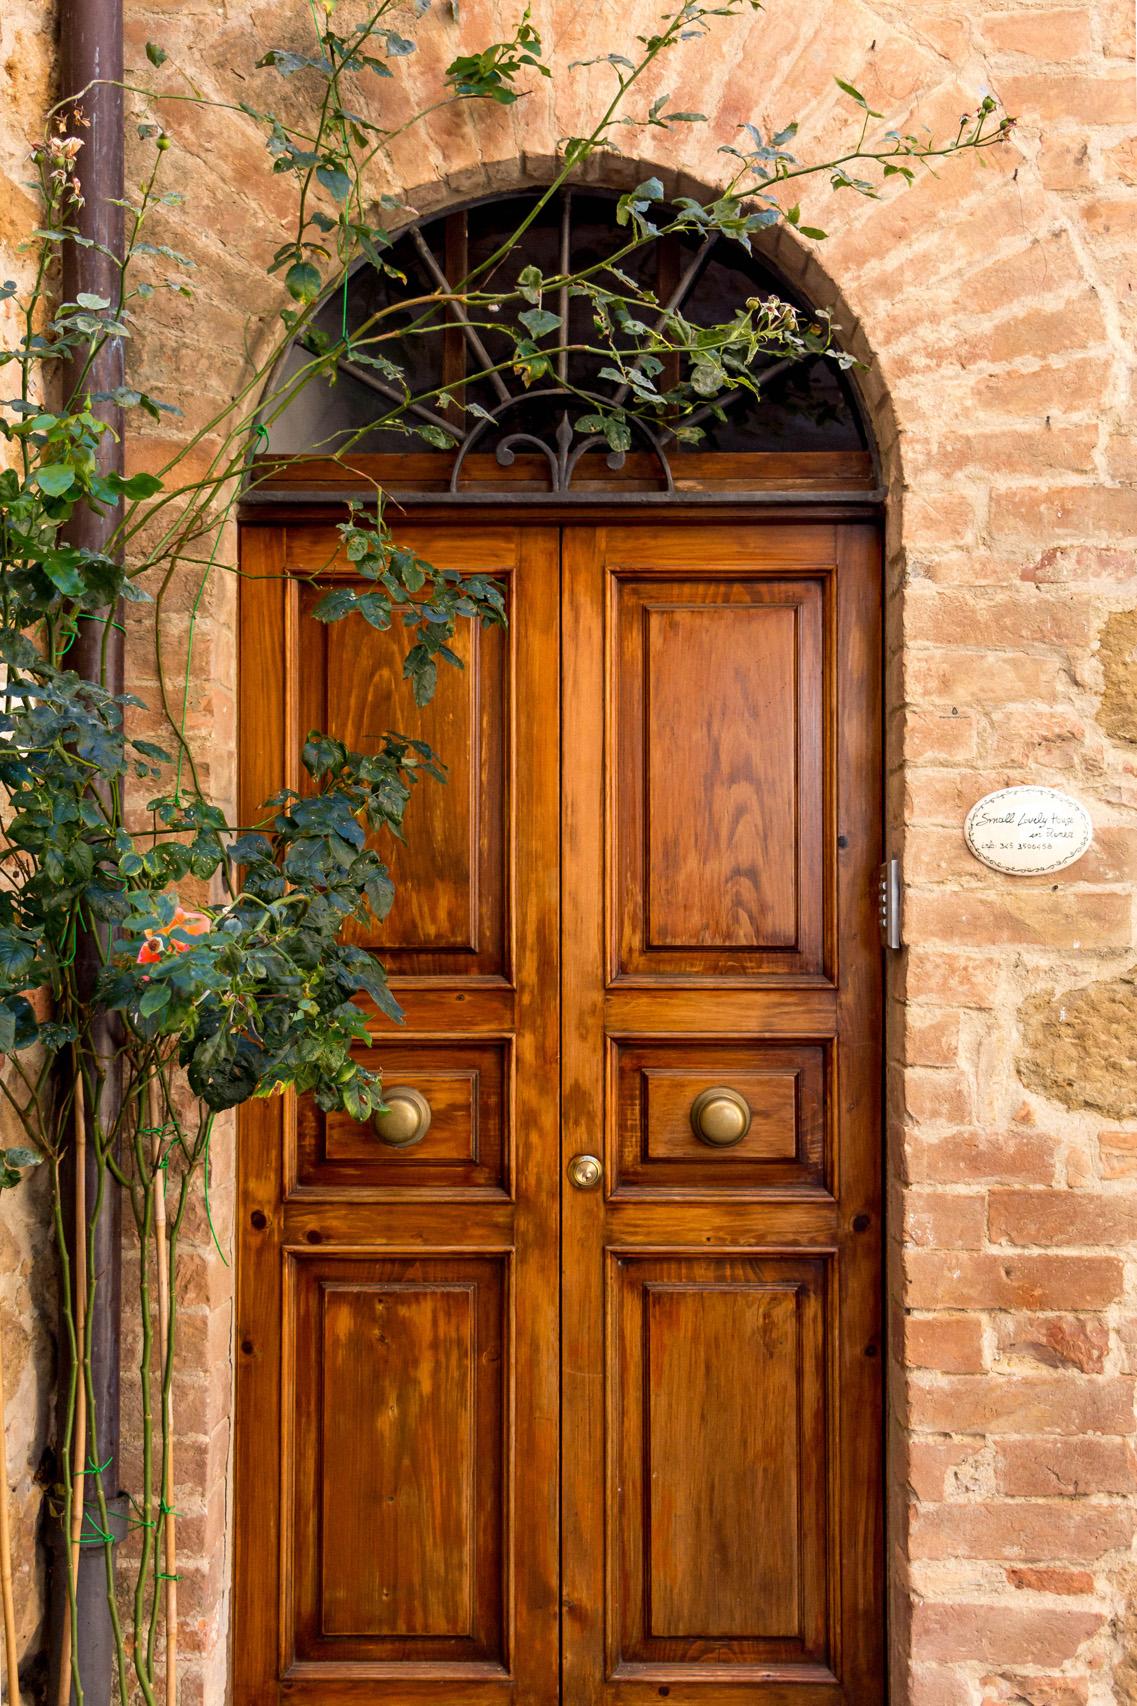 Pretty doors of Pienza, Tuscany